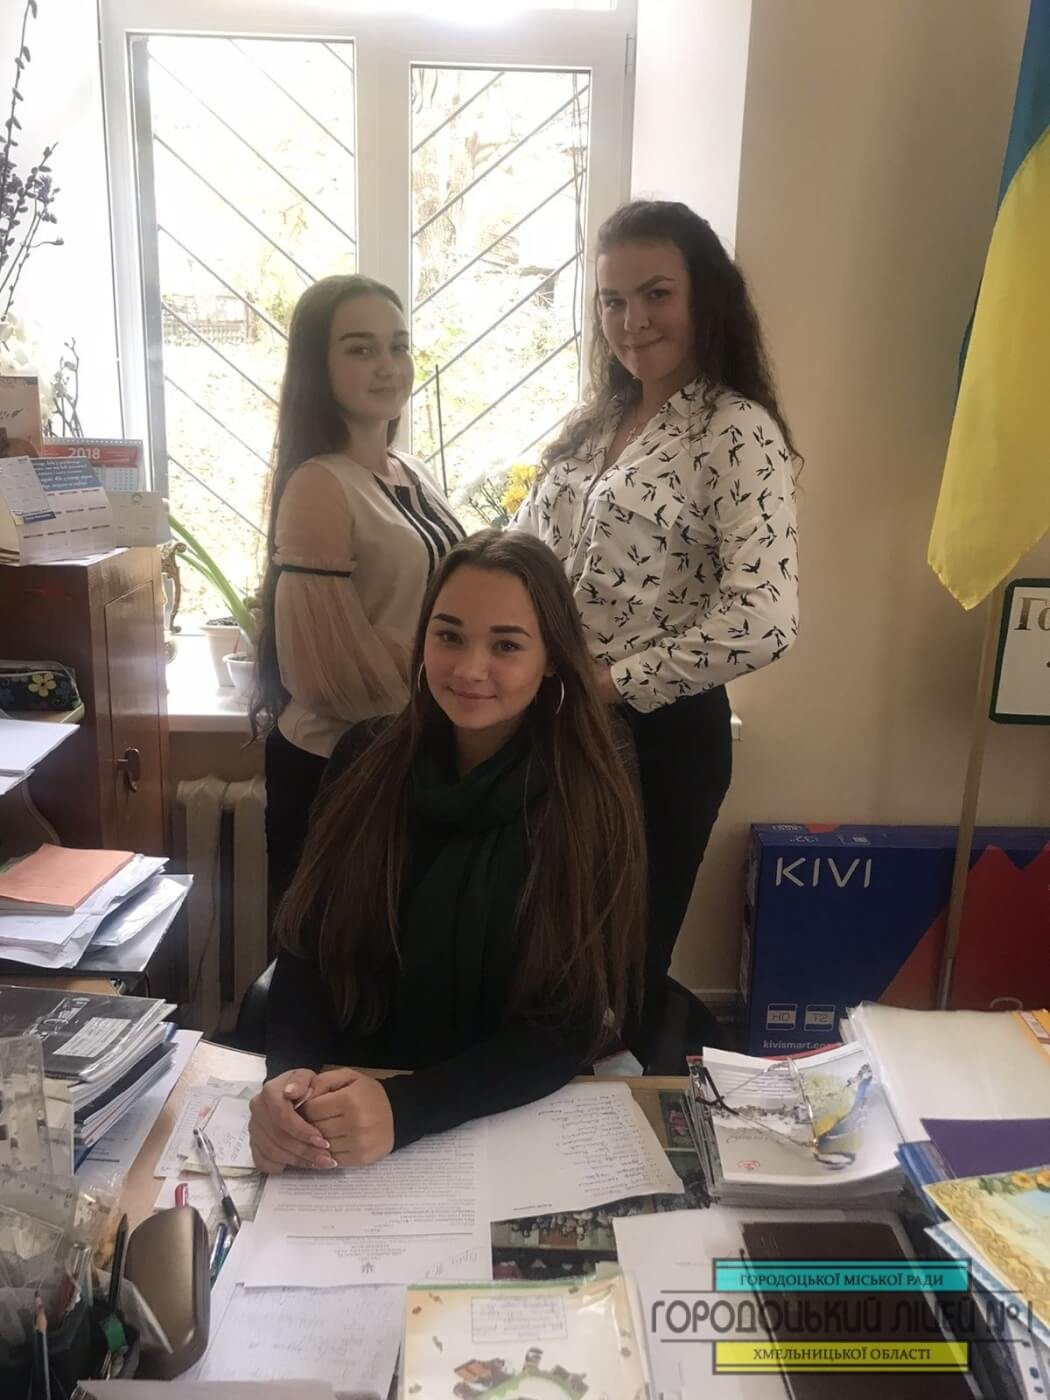 zobrazhennya viber 2019 10 17 12 25 15 - День учнівського самоврядування.